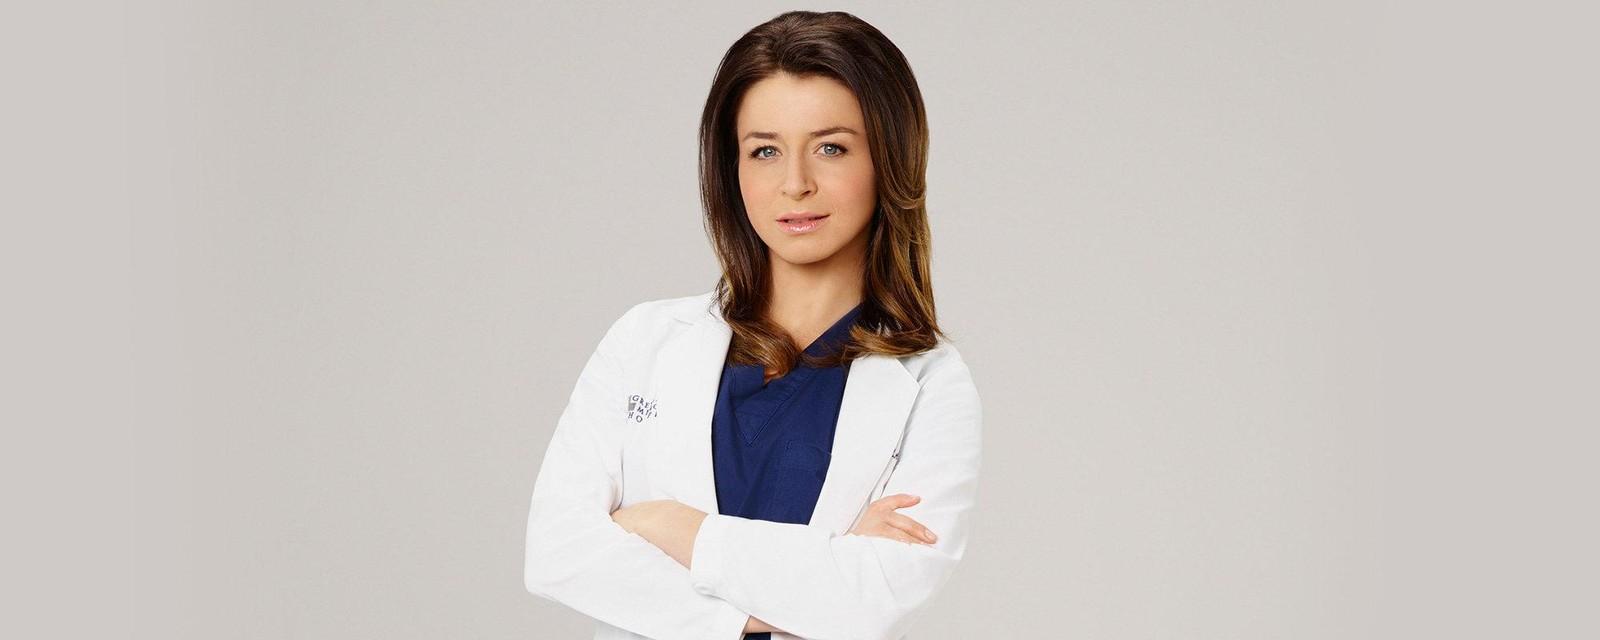 Caterina Scorsone as Amelia Shepherd | Grey\'s Anatomy